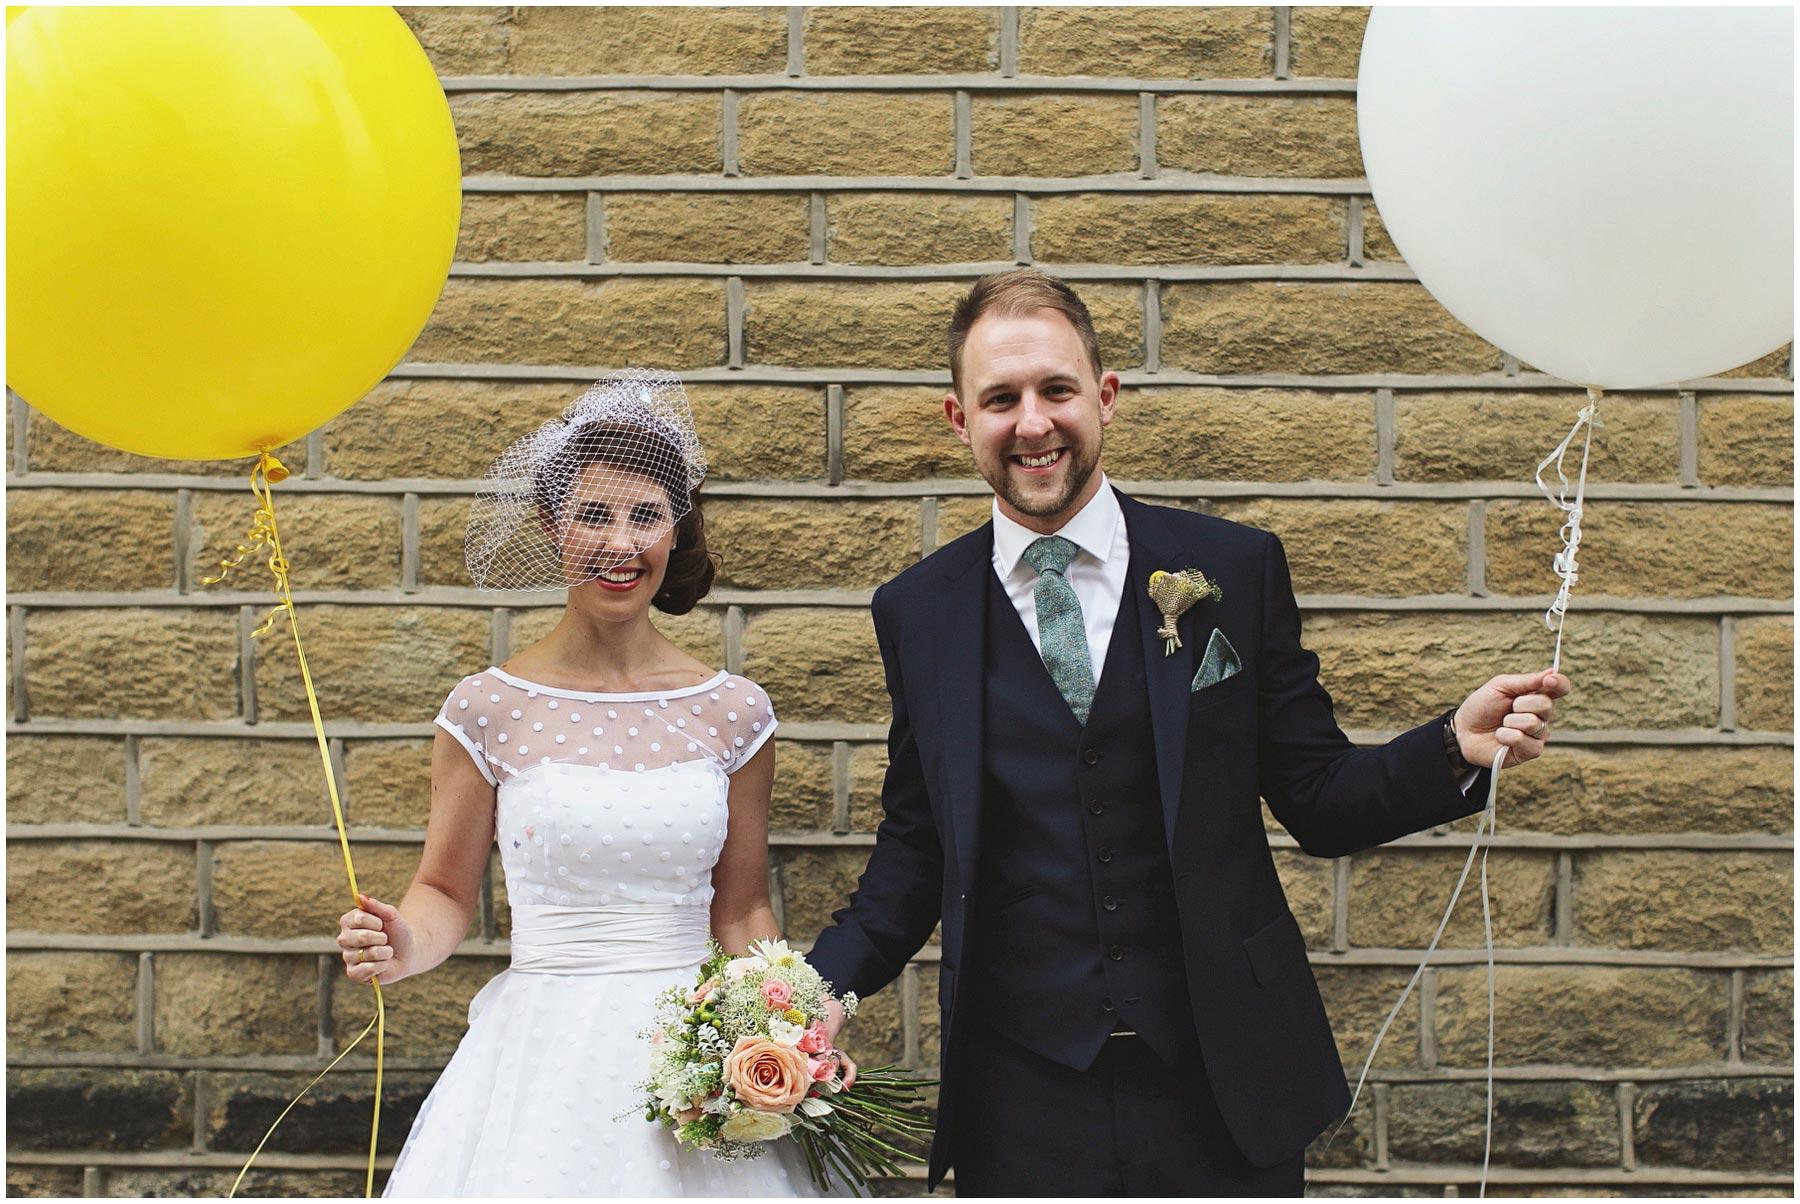 the-spiced-pear-wedding-photographer_0052